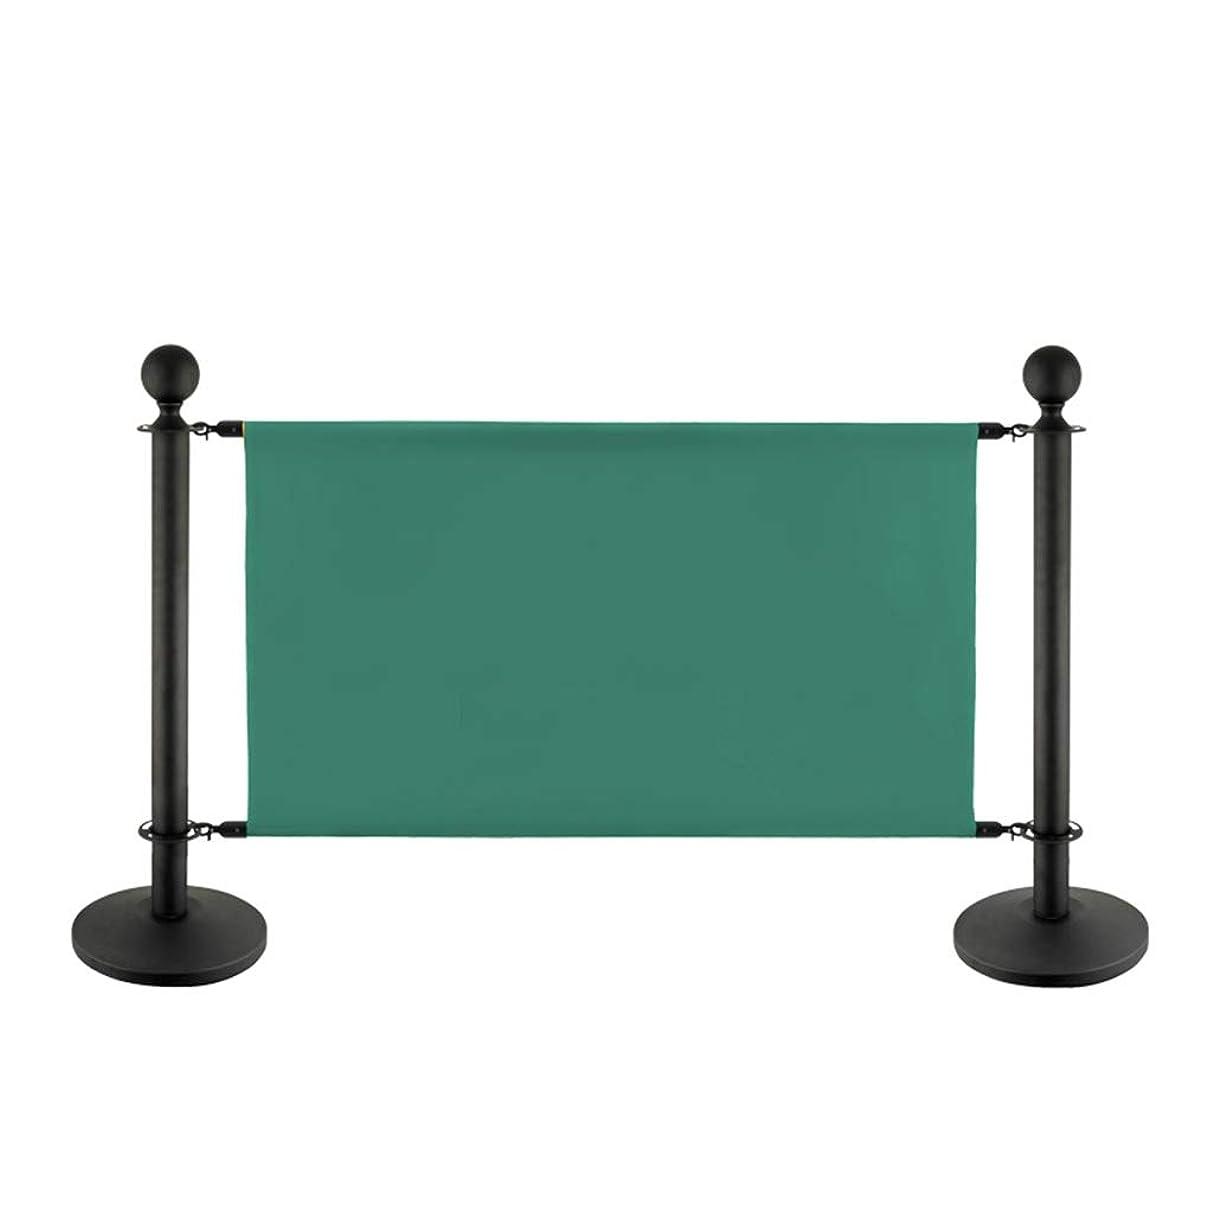 中世の季節マイナス広告布の手すりの支柱の列ロープの障壁のポストは群集整理を立てます